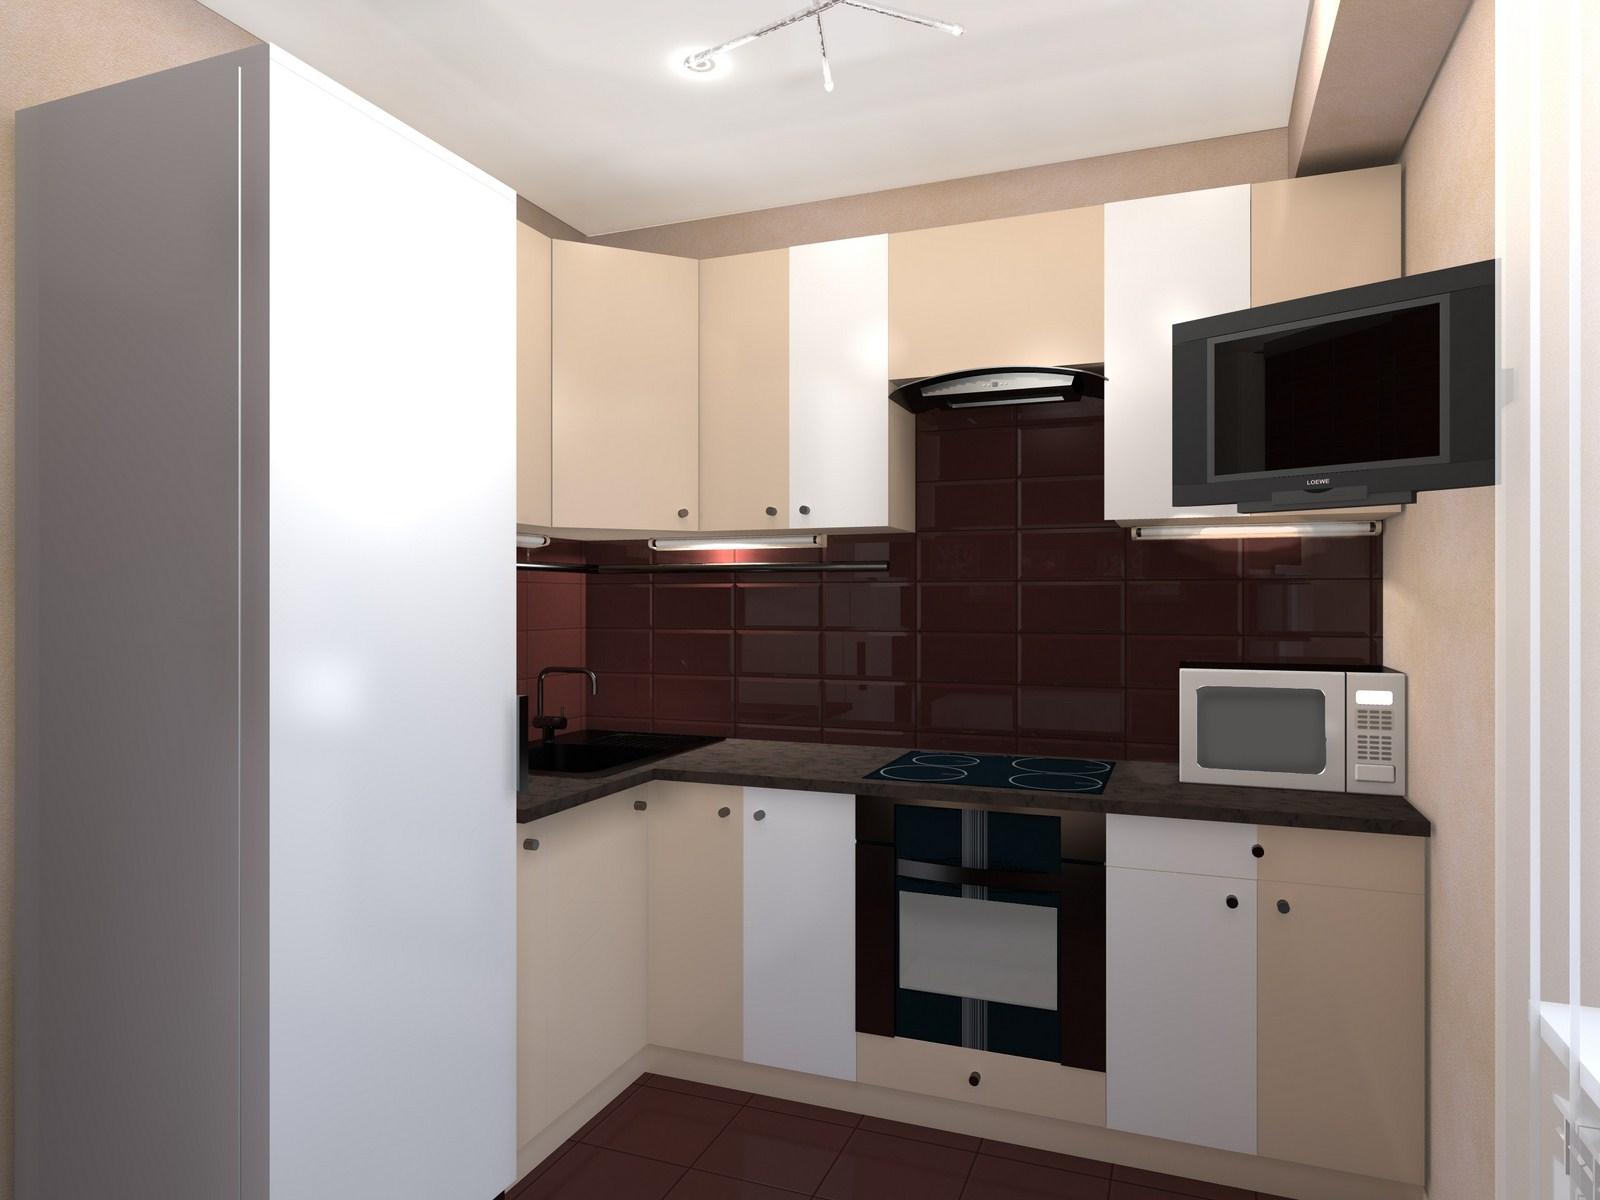 iki-renk-mutfak-dolabi-modelleri-32